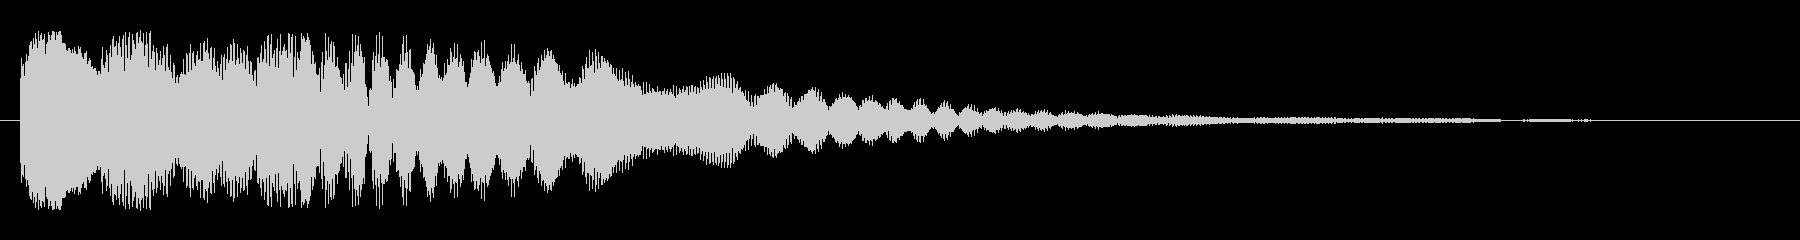 キラリーン(高めの可愛らしい効果音)の未再生の波形